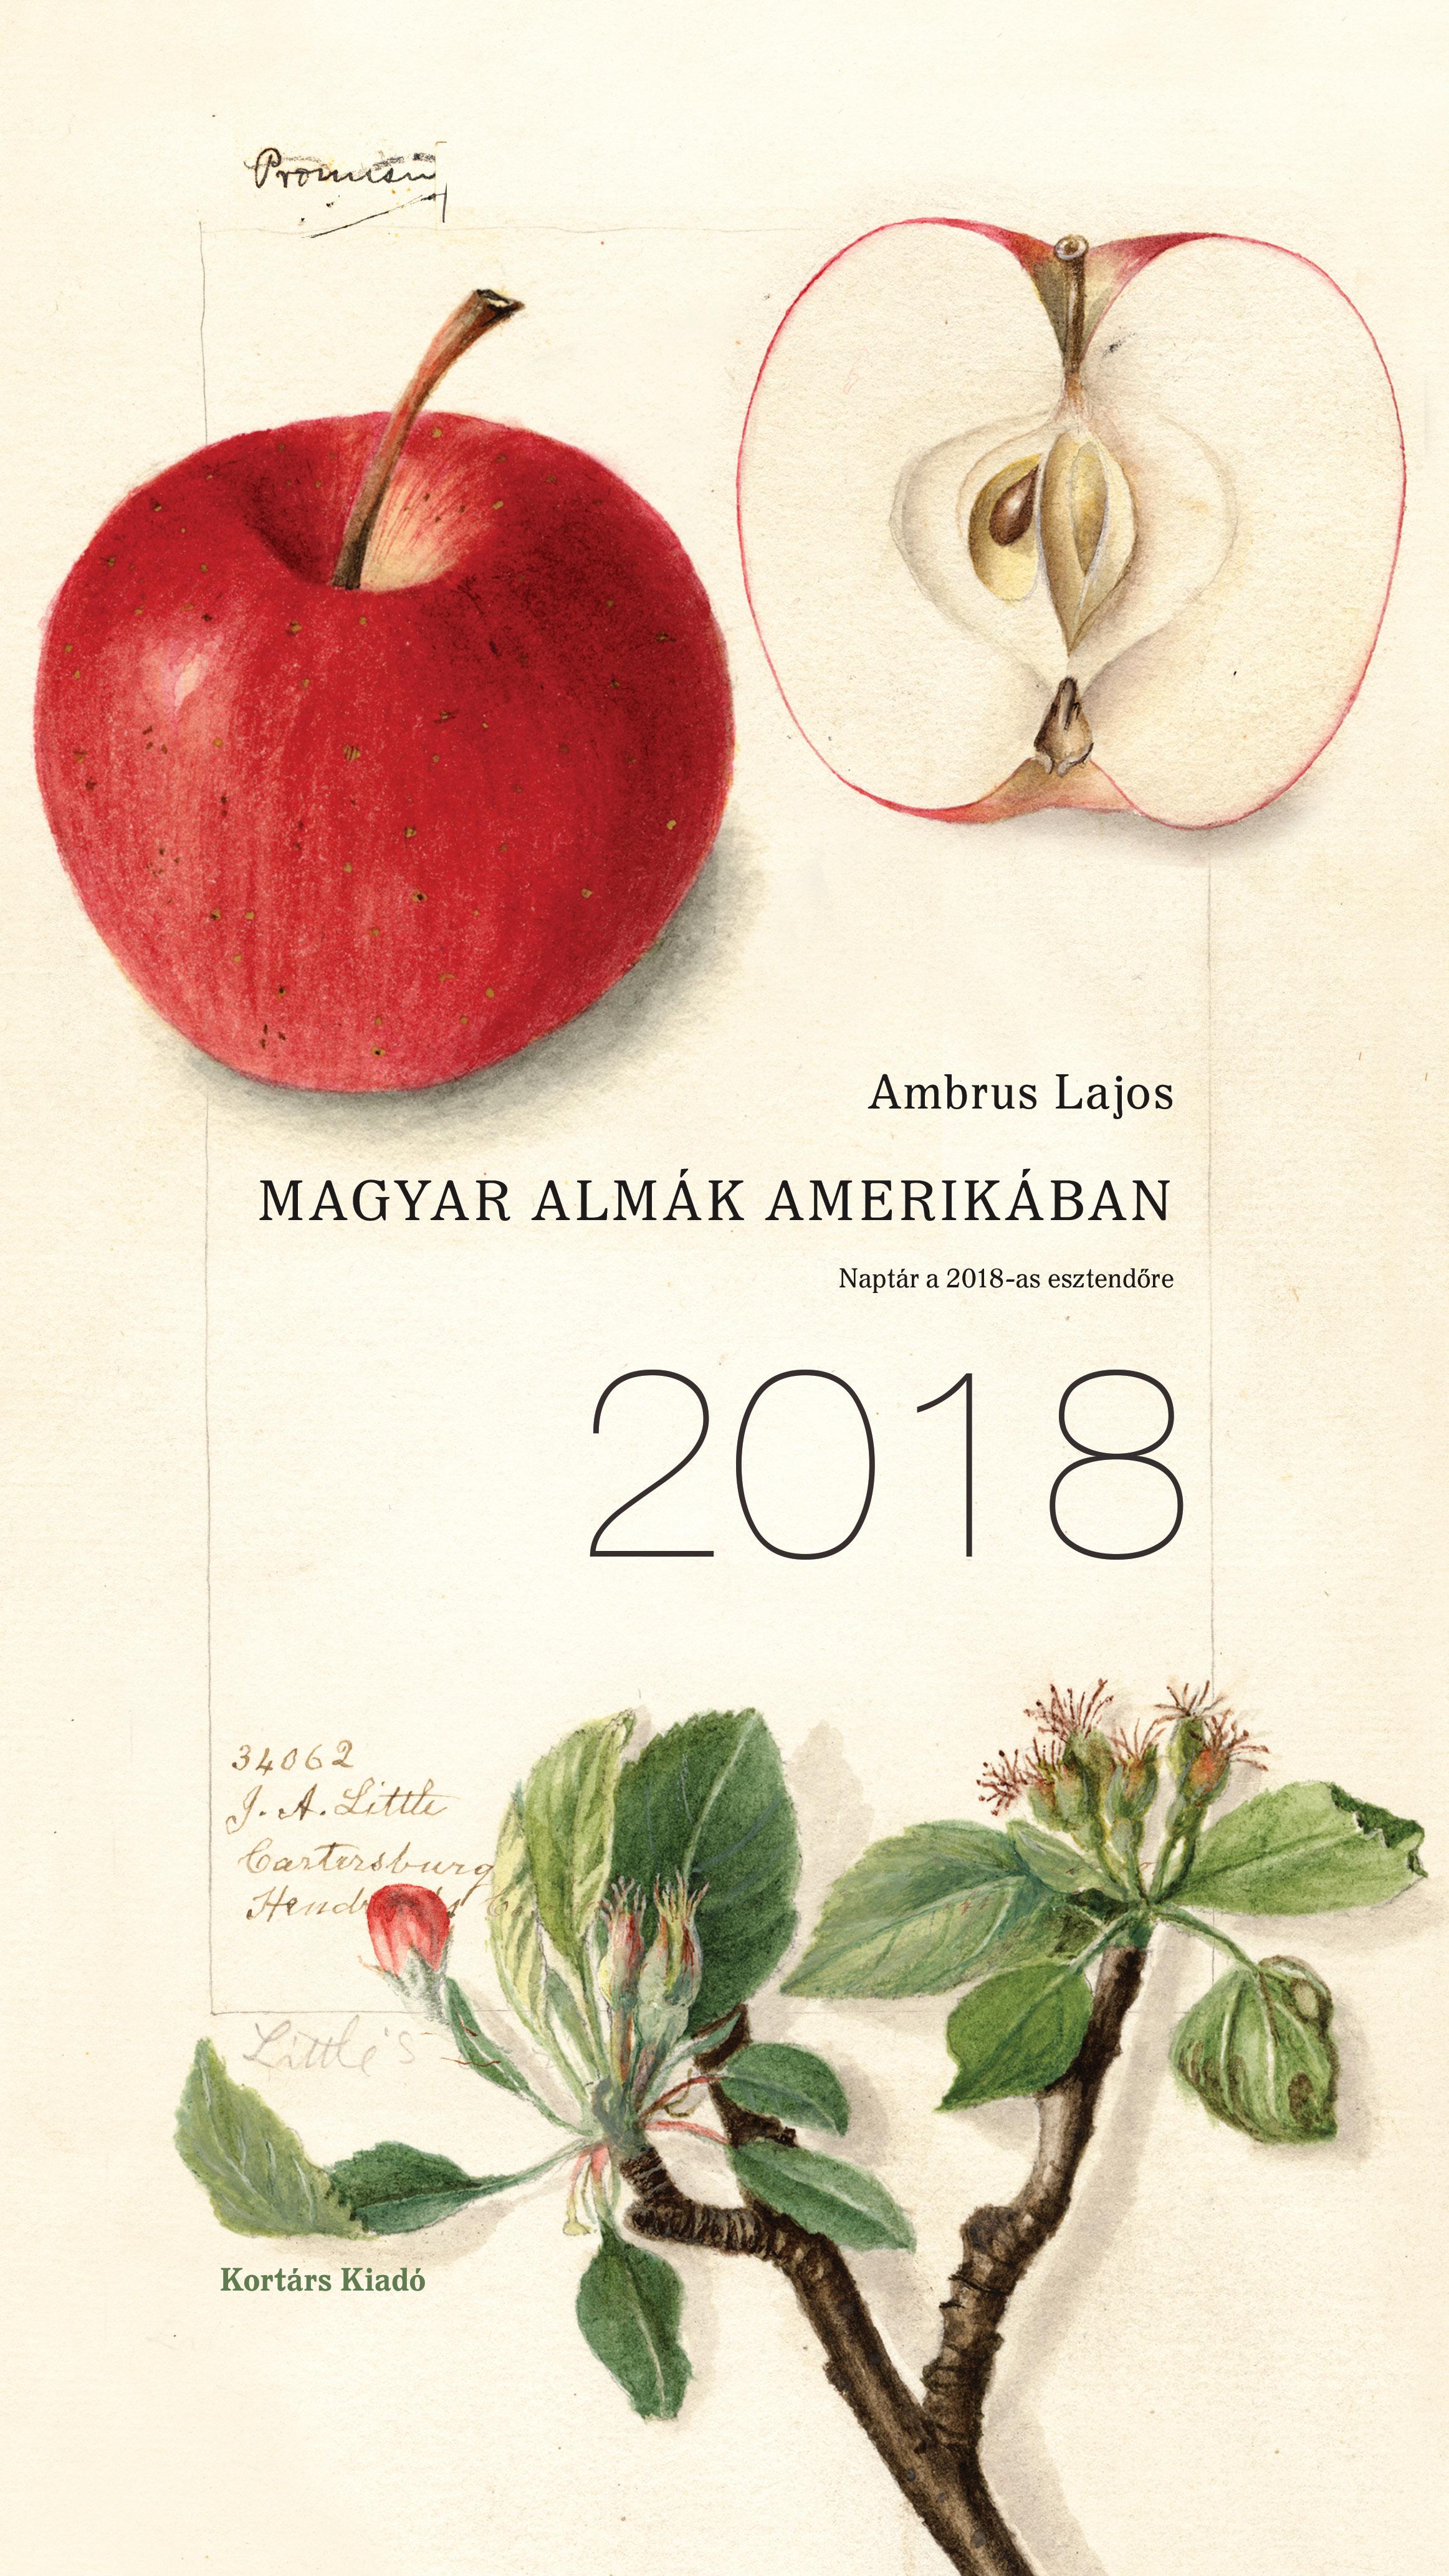 Magyar almák Amerikában